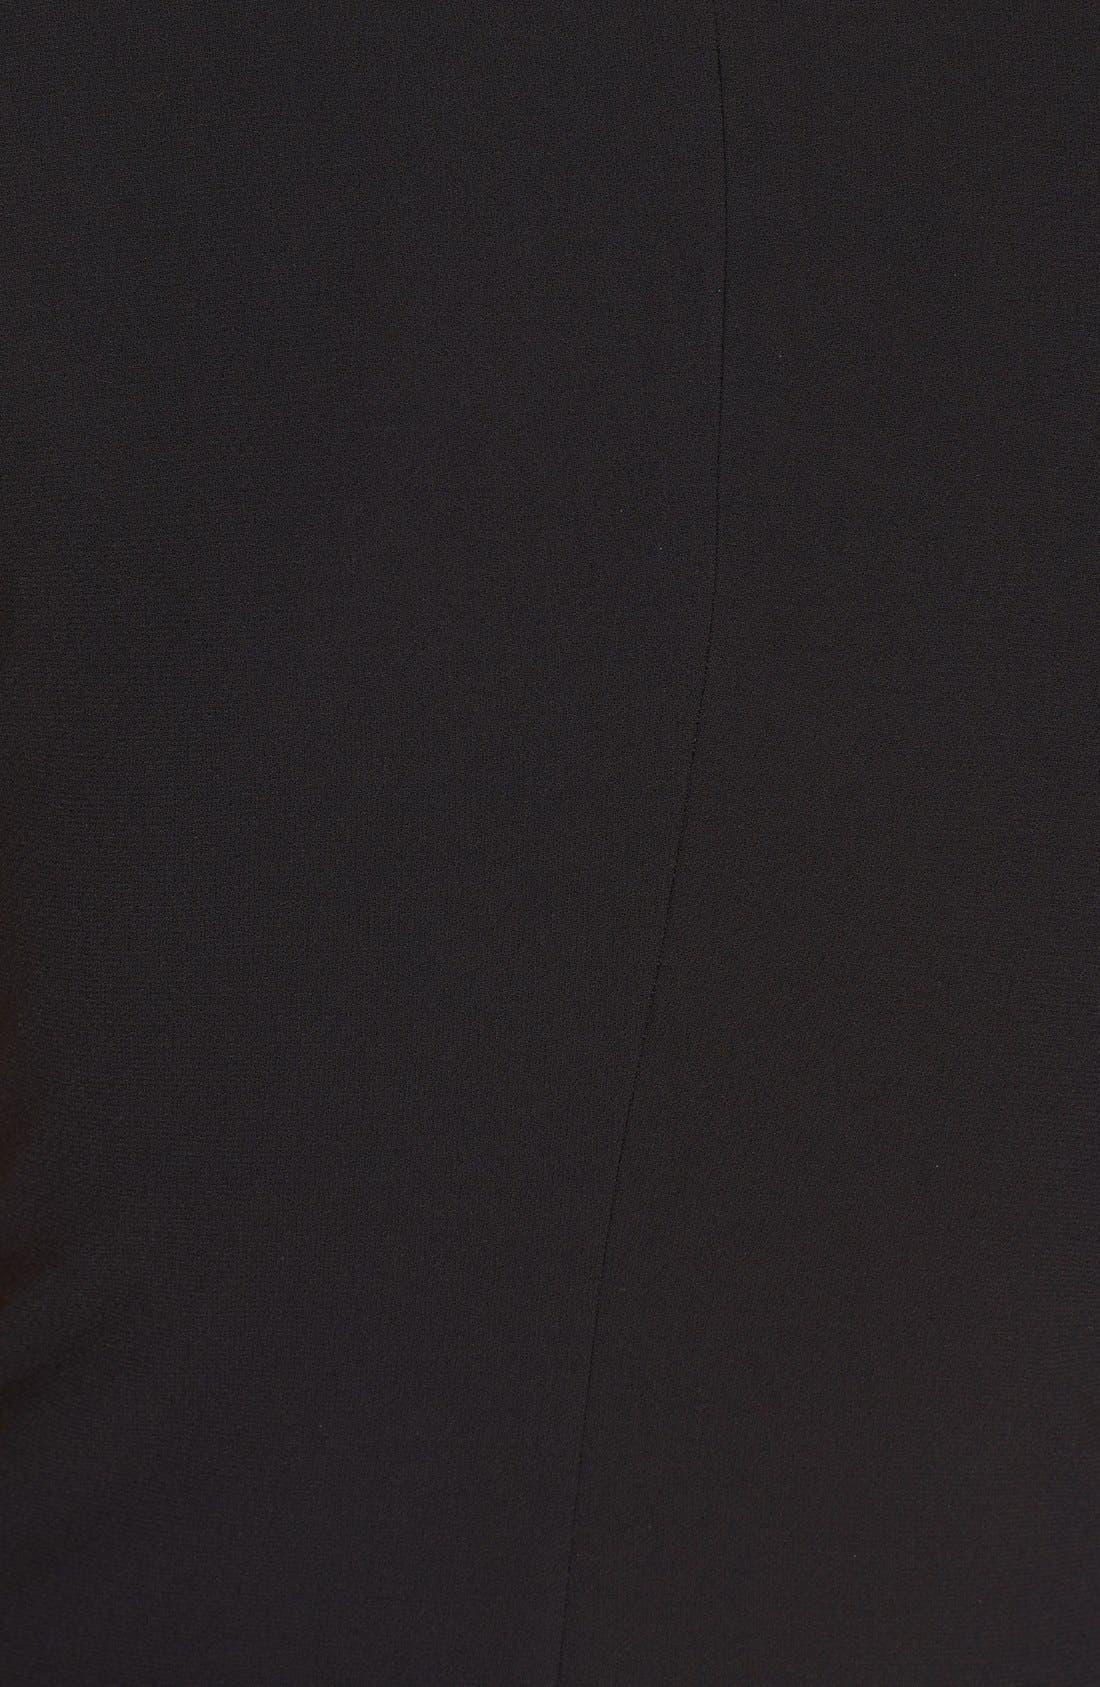 Alternate Image 3  - Ted Baker London 'Osiride' Sleeveless Top